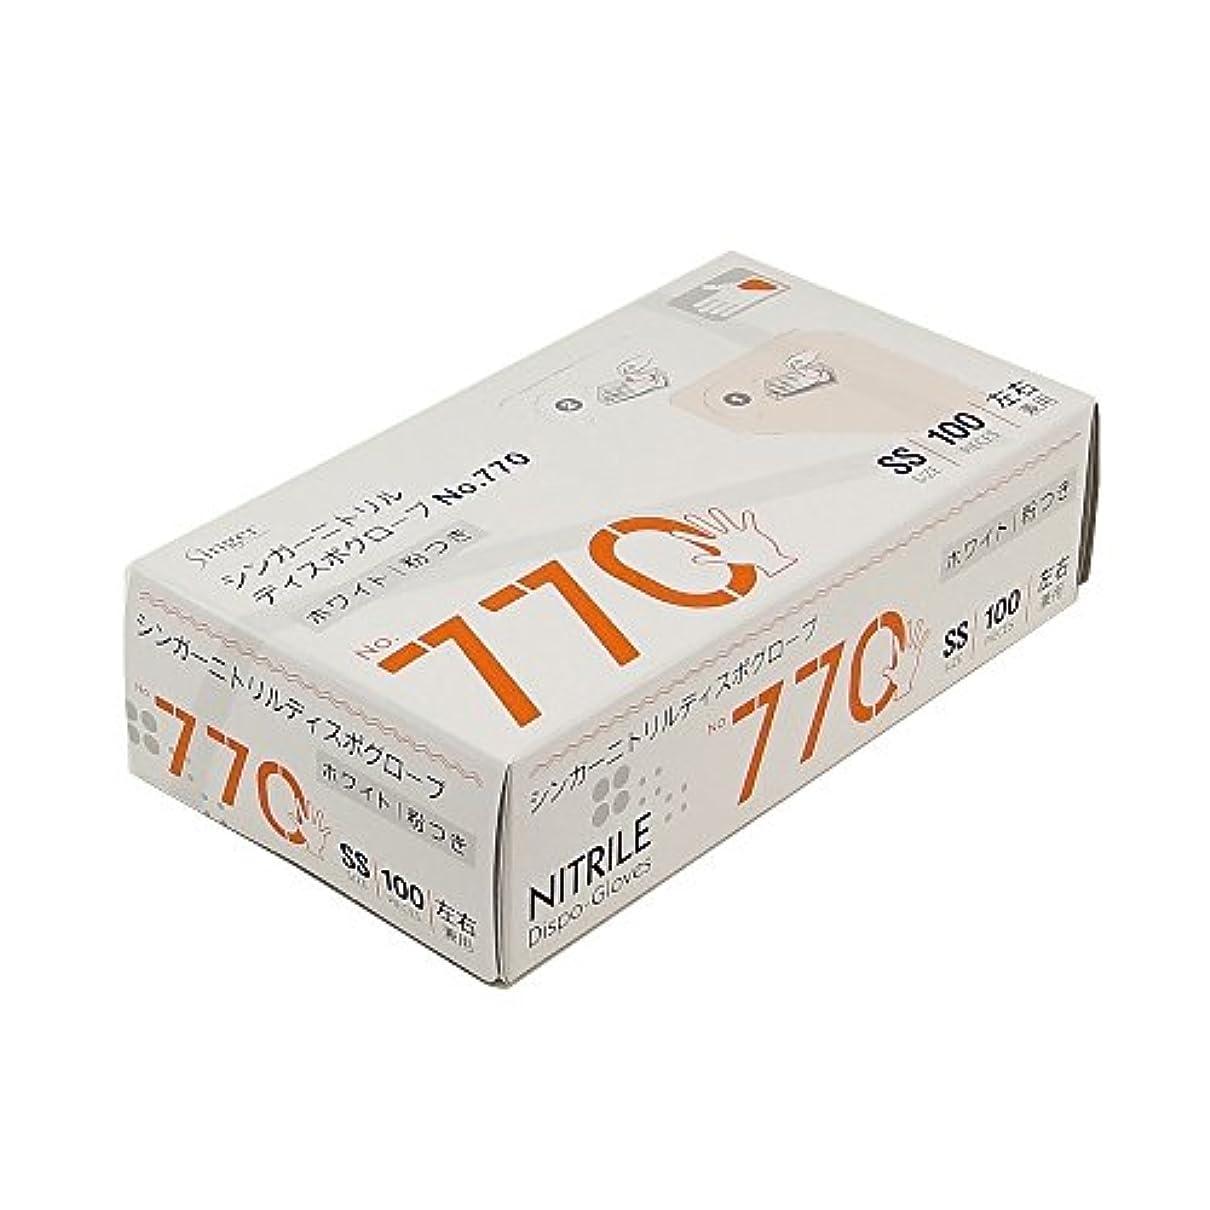 同行する預言者宇都宮製作 ディスポ手袋 シンガーニトリルディスポグローブ No.770 ホワイト 粉付 100枚入  SS